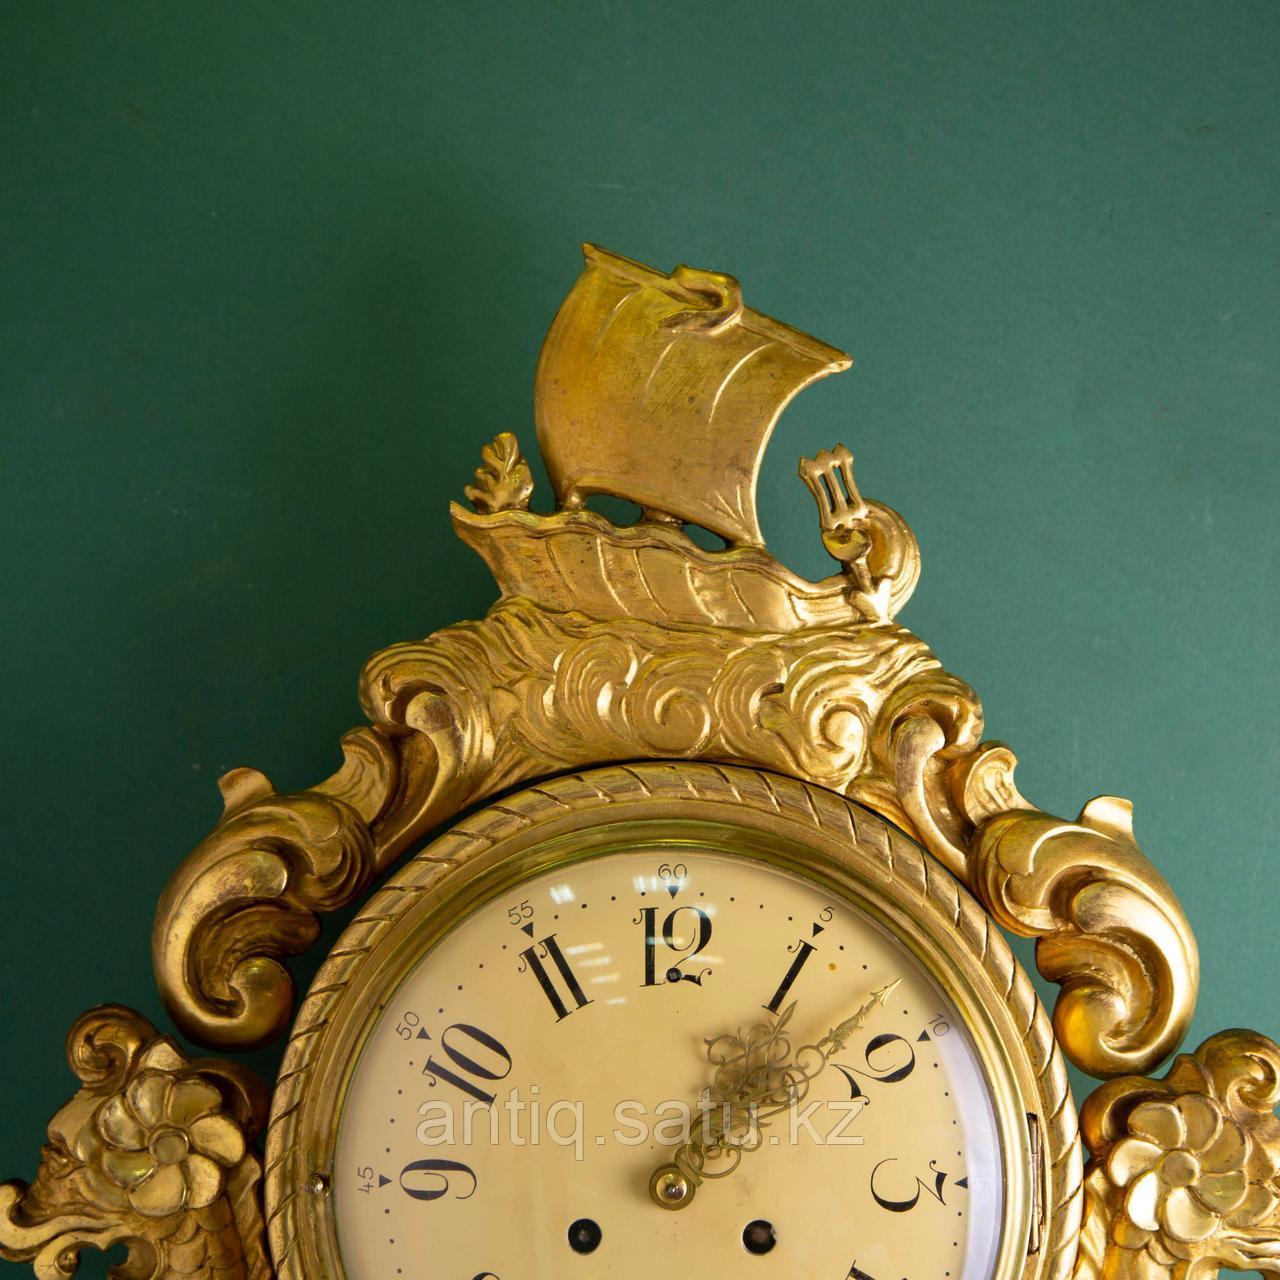 Настенные часы с морскими драконами. - фото 4